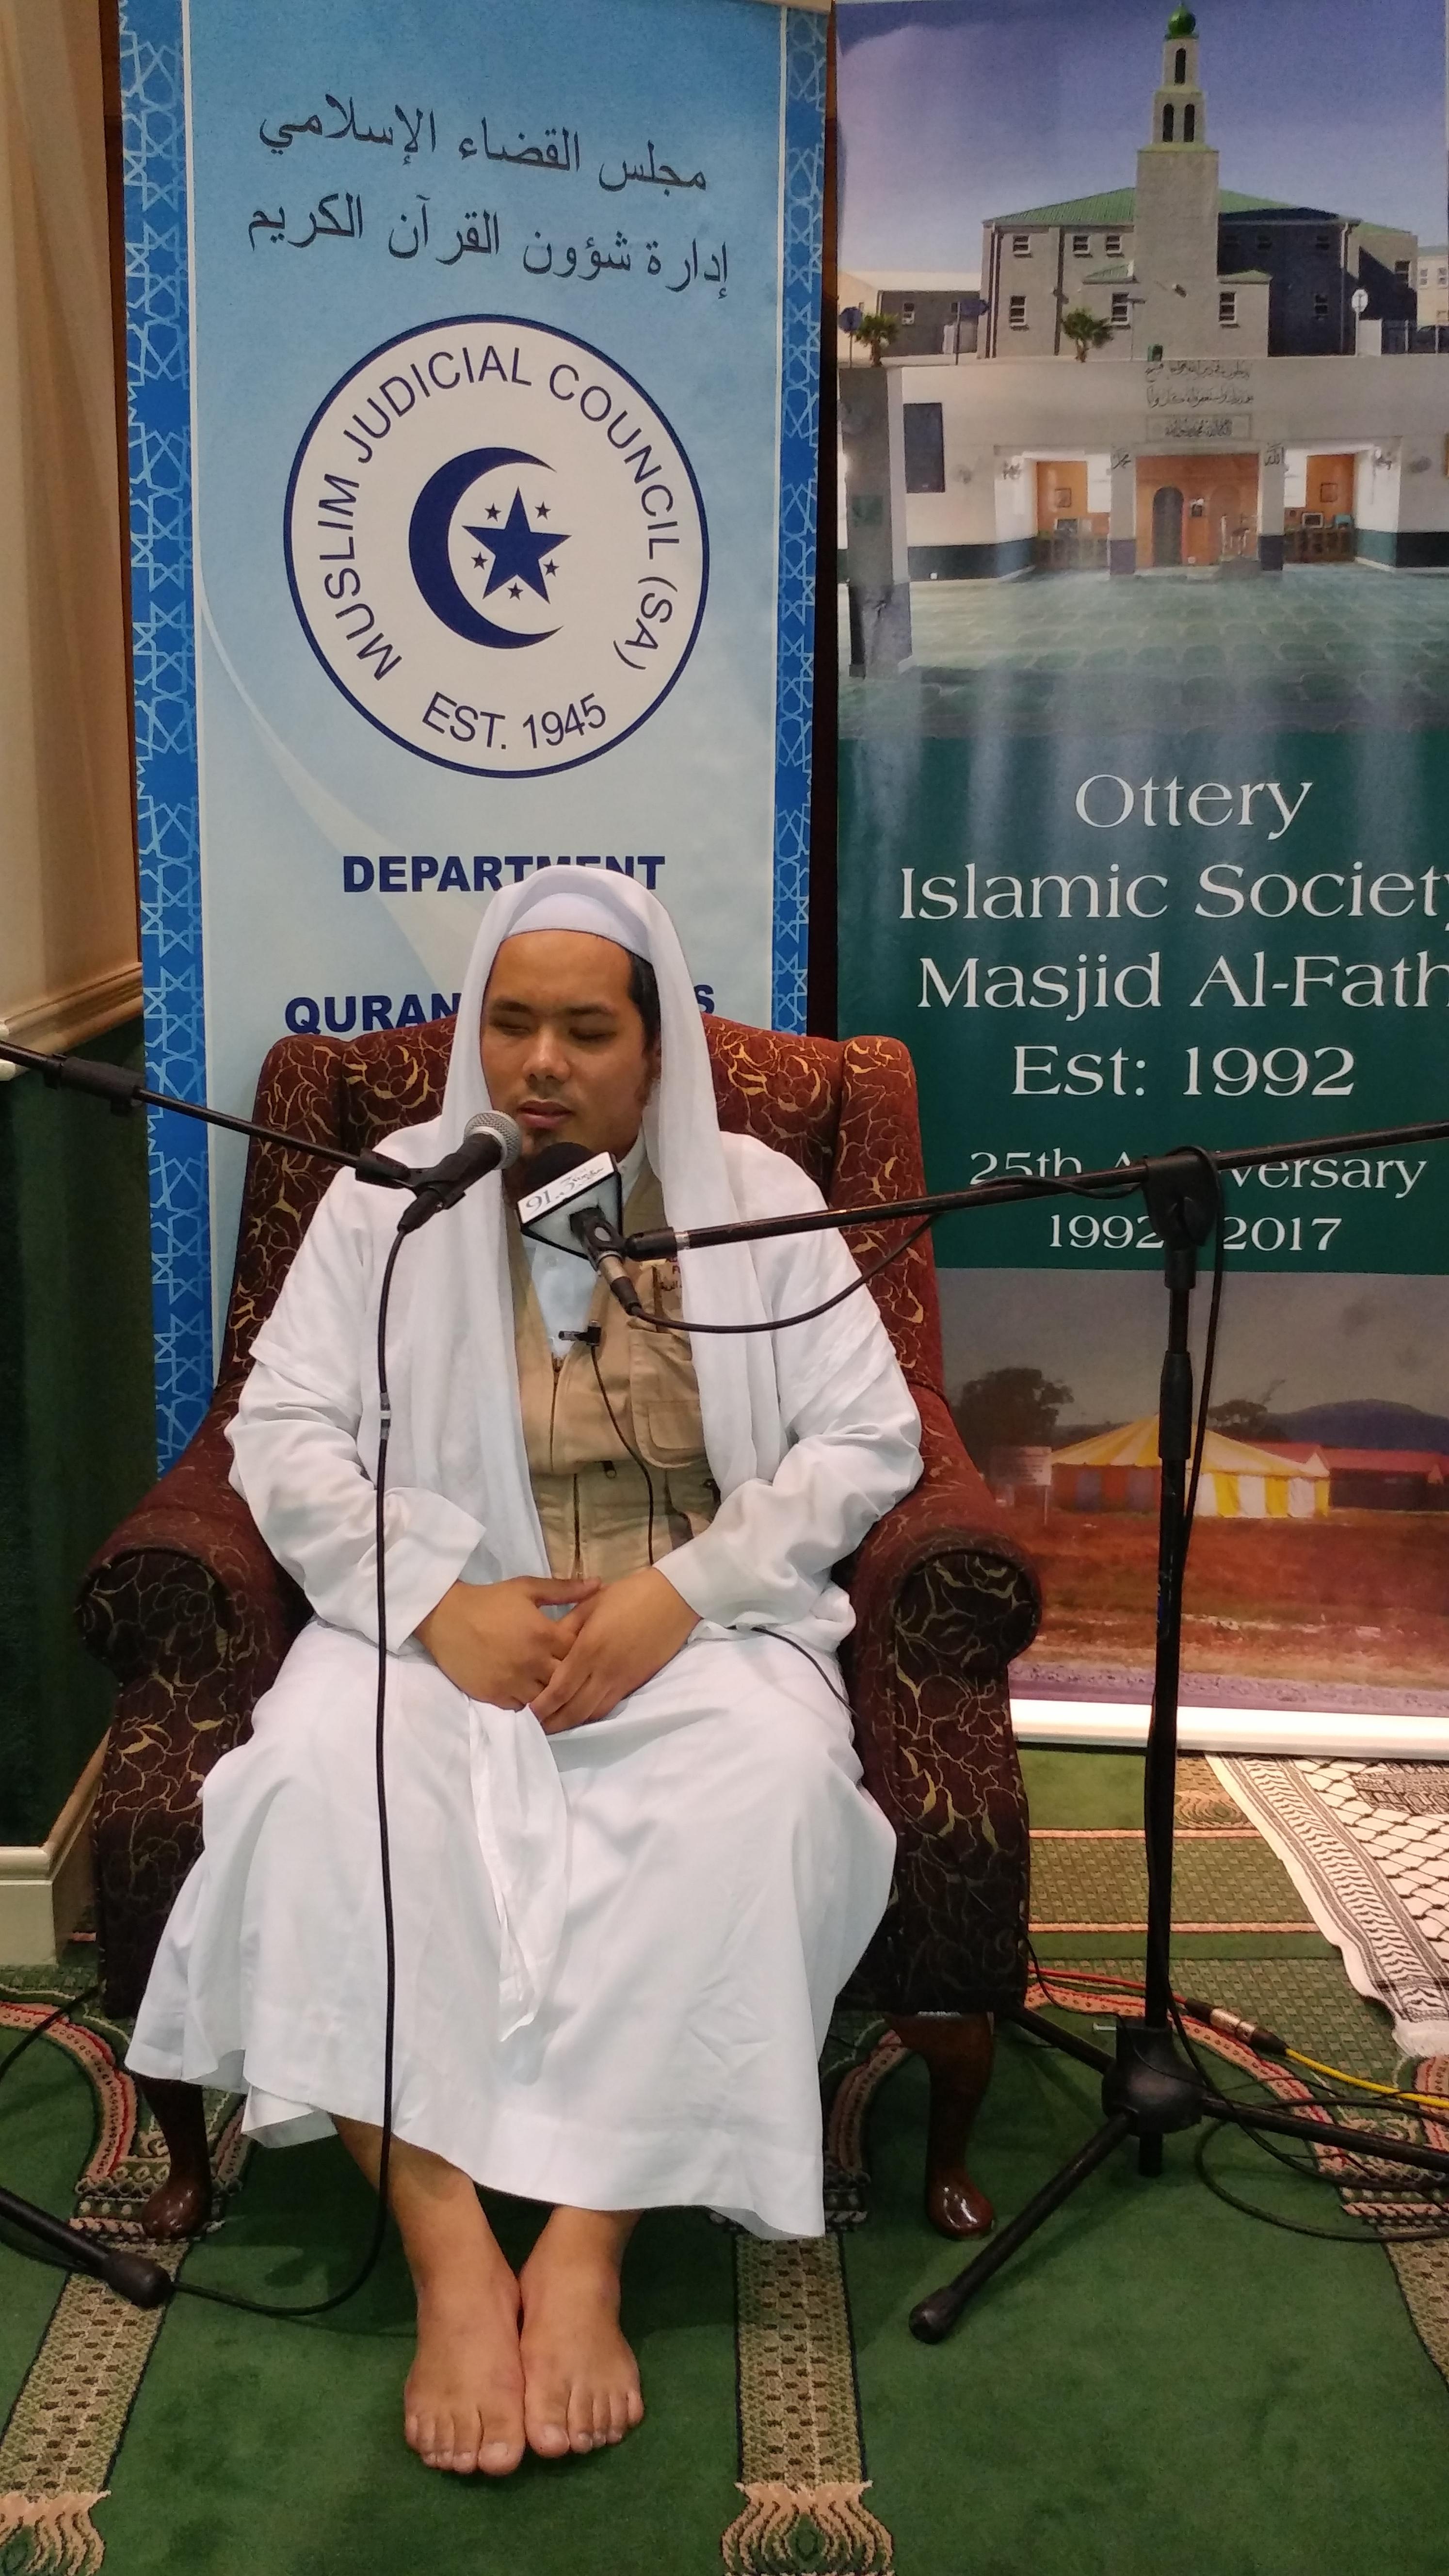 mjc department of quranic affairs hosts qurra from al noor madressa - 20170310 204653 1 - MJC Department of Quranic Affairs hosts Qurra from Al Noor Madressa